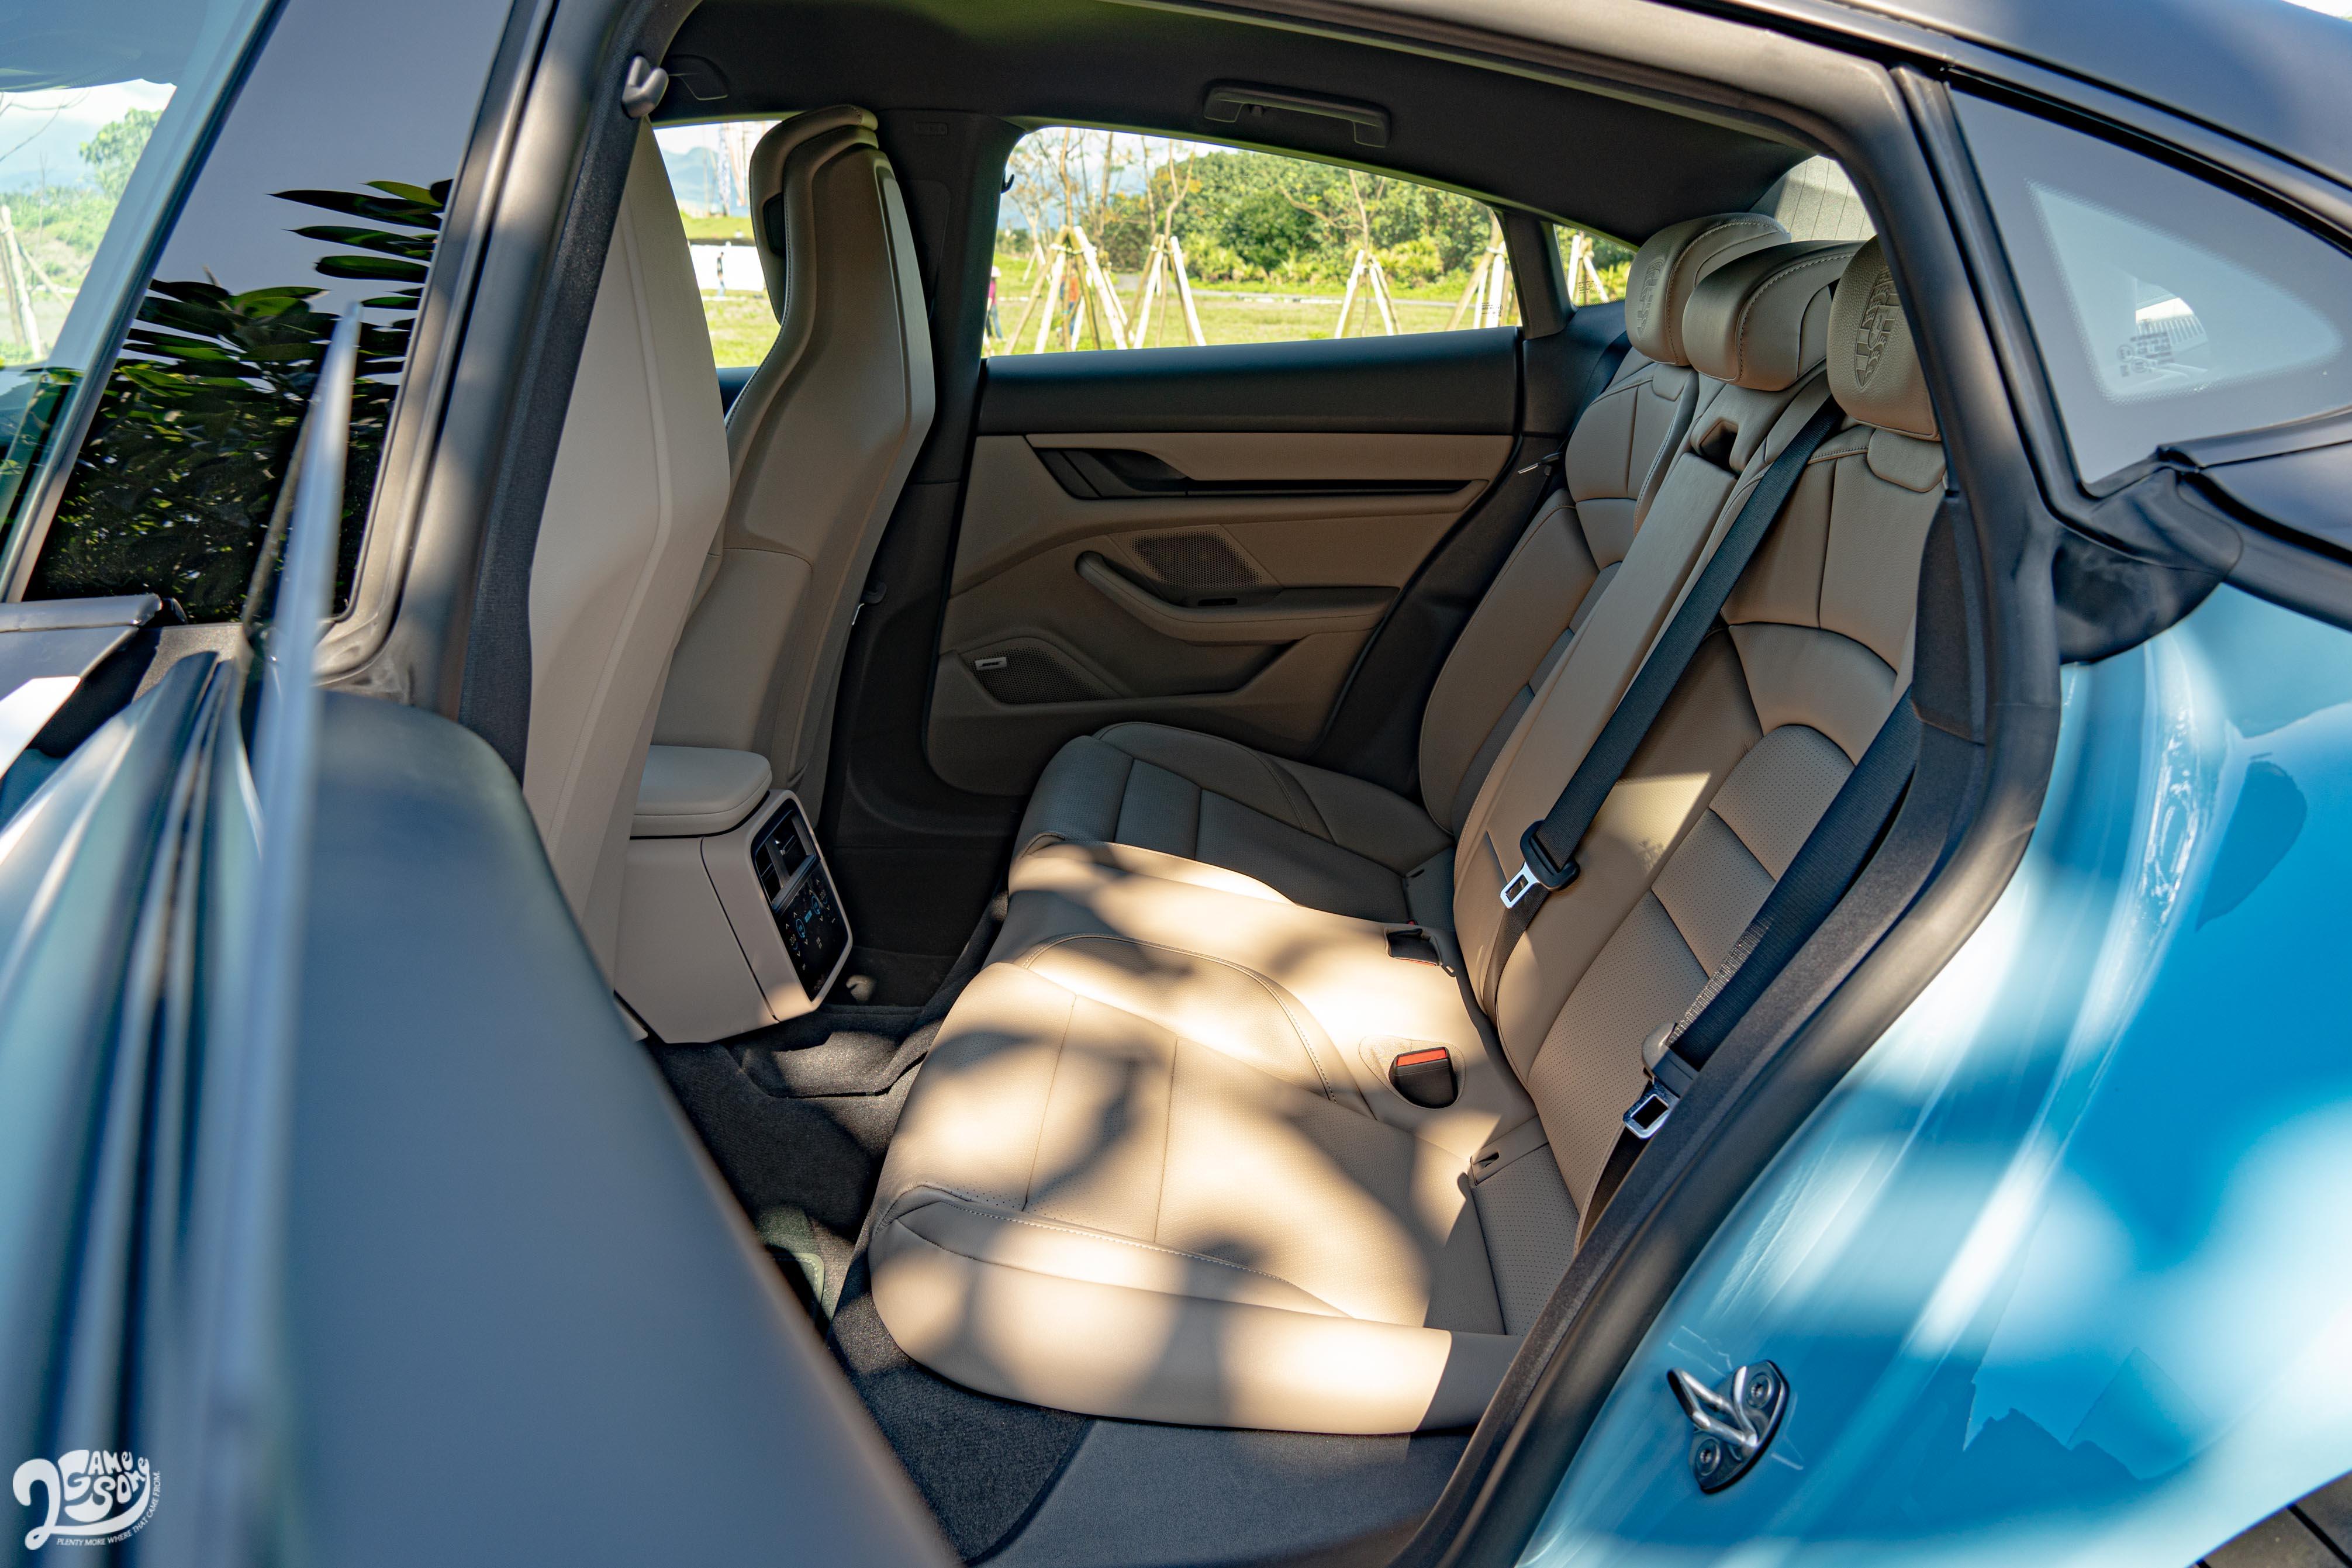 Taycan 標配 4 人座配置,試駕車則選配後座 2+1 座椅配置。